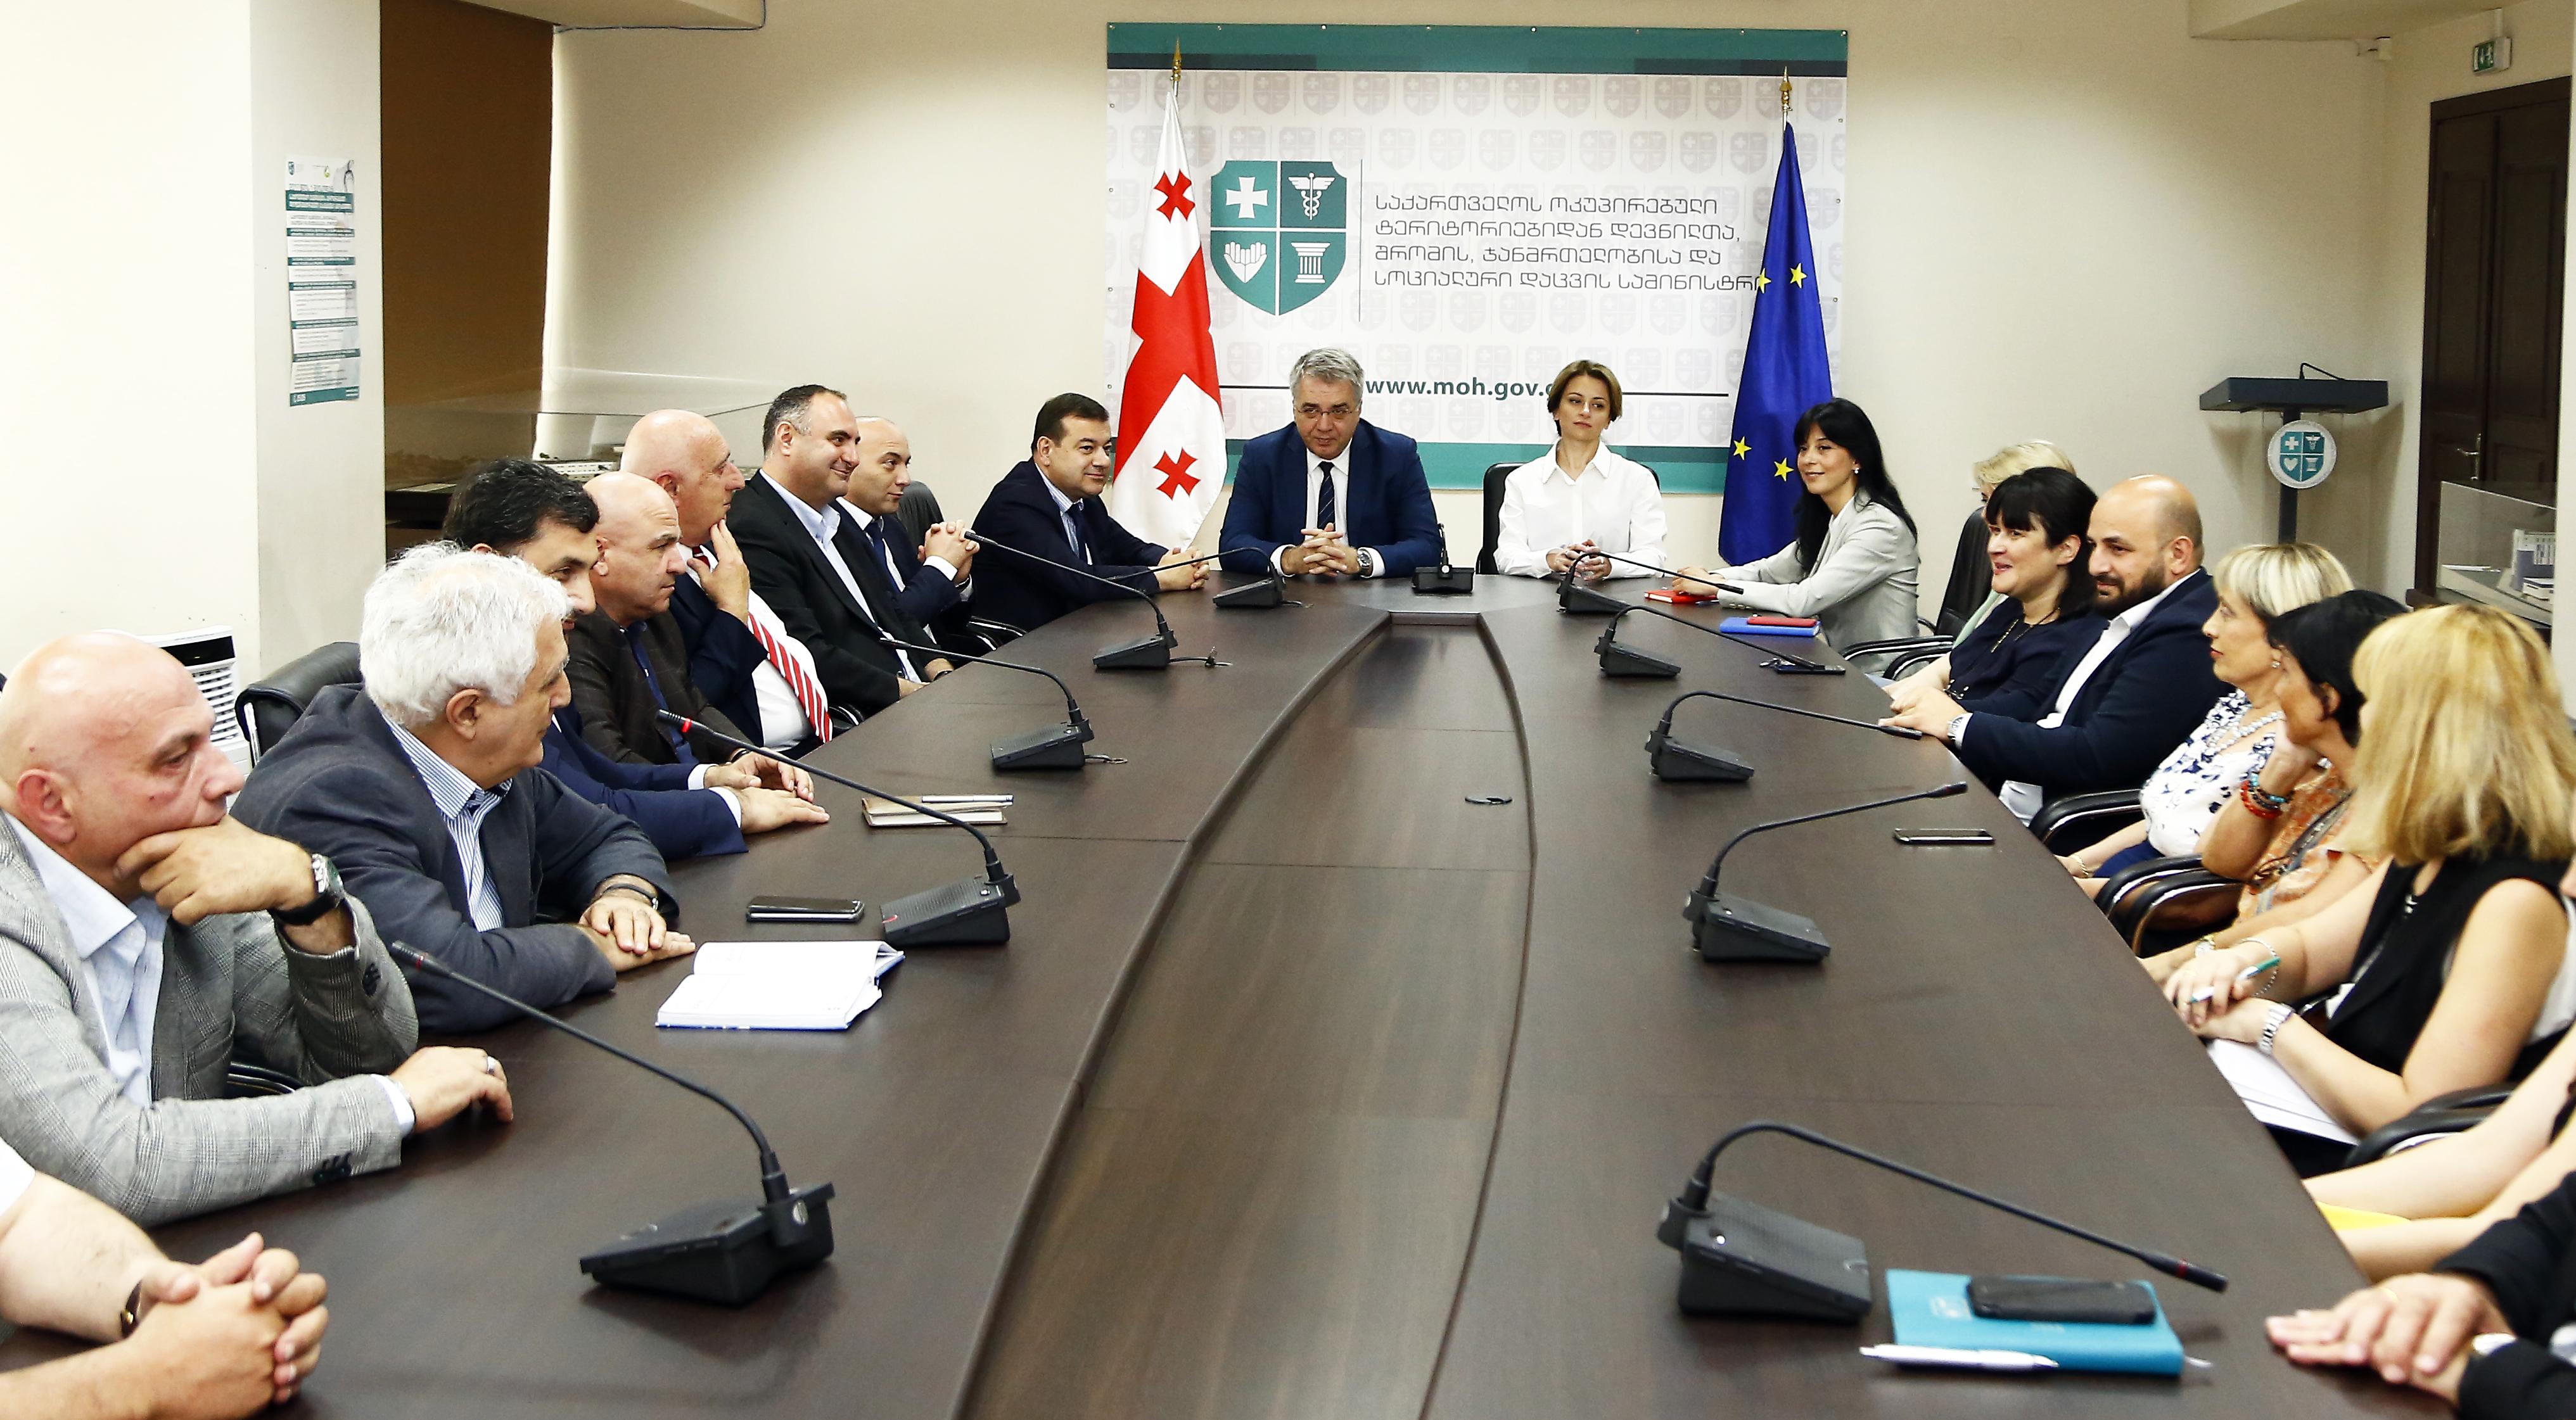 ჯანდაცვის ახალი მინისტრი თანამშრომლებს შეხვდა